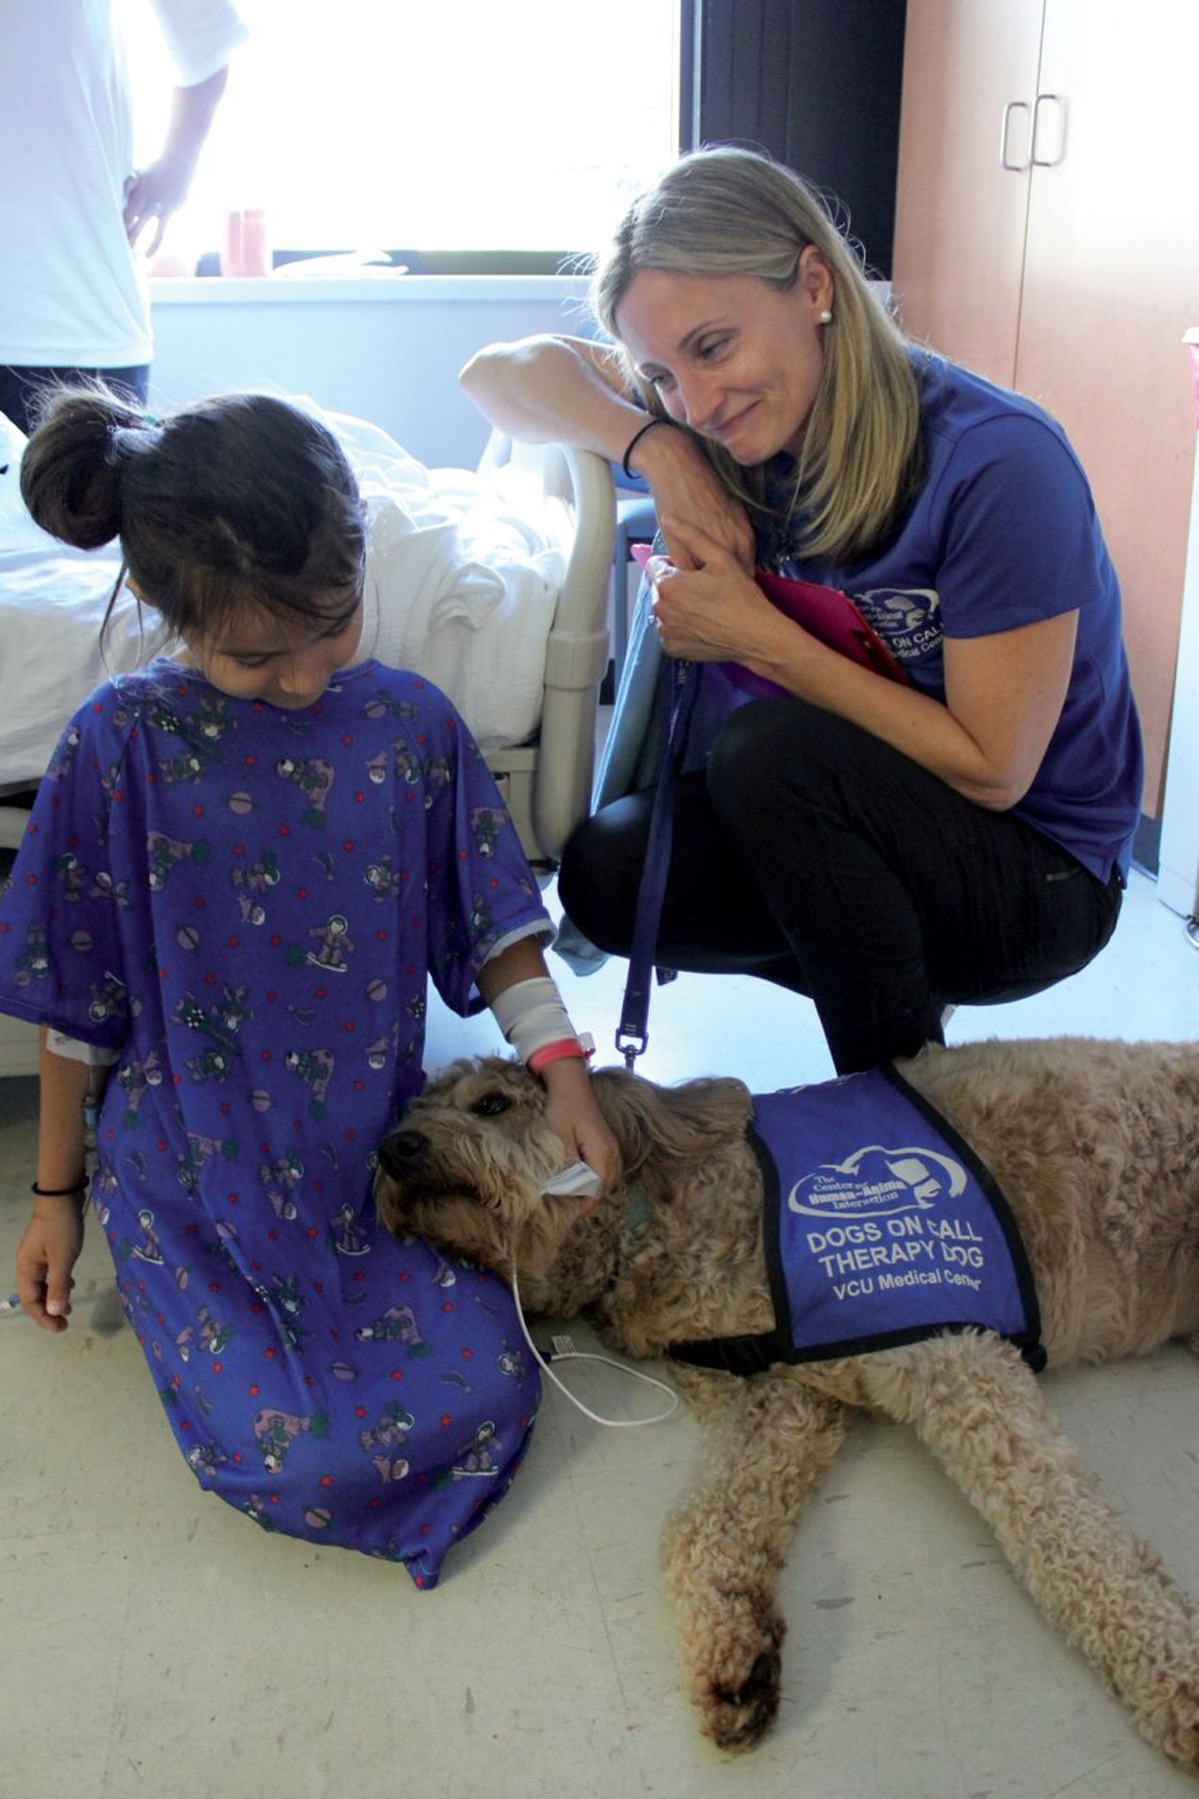 Figura 3. Il programma Dogs on Call (DoC) della VCU ha avuto molto successo, con i team cane-addestratore che visitano regolarmente la maggior parte dell'ospedale. © Center for Human-Animal Interaction, School of Medicine, VCU